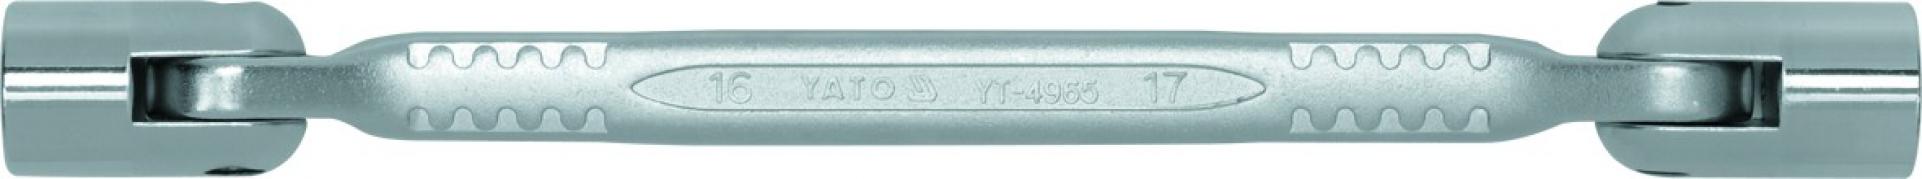 Nástrčné kľúče kĺbové 16x17 (YT-4965)